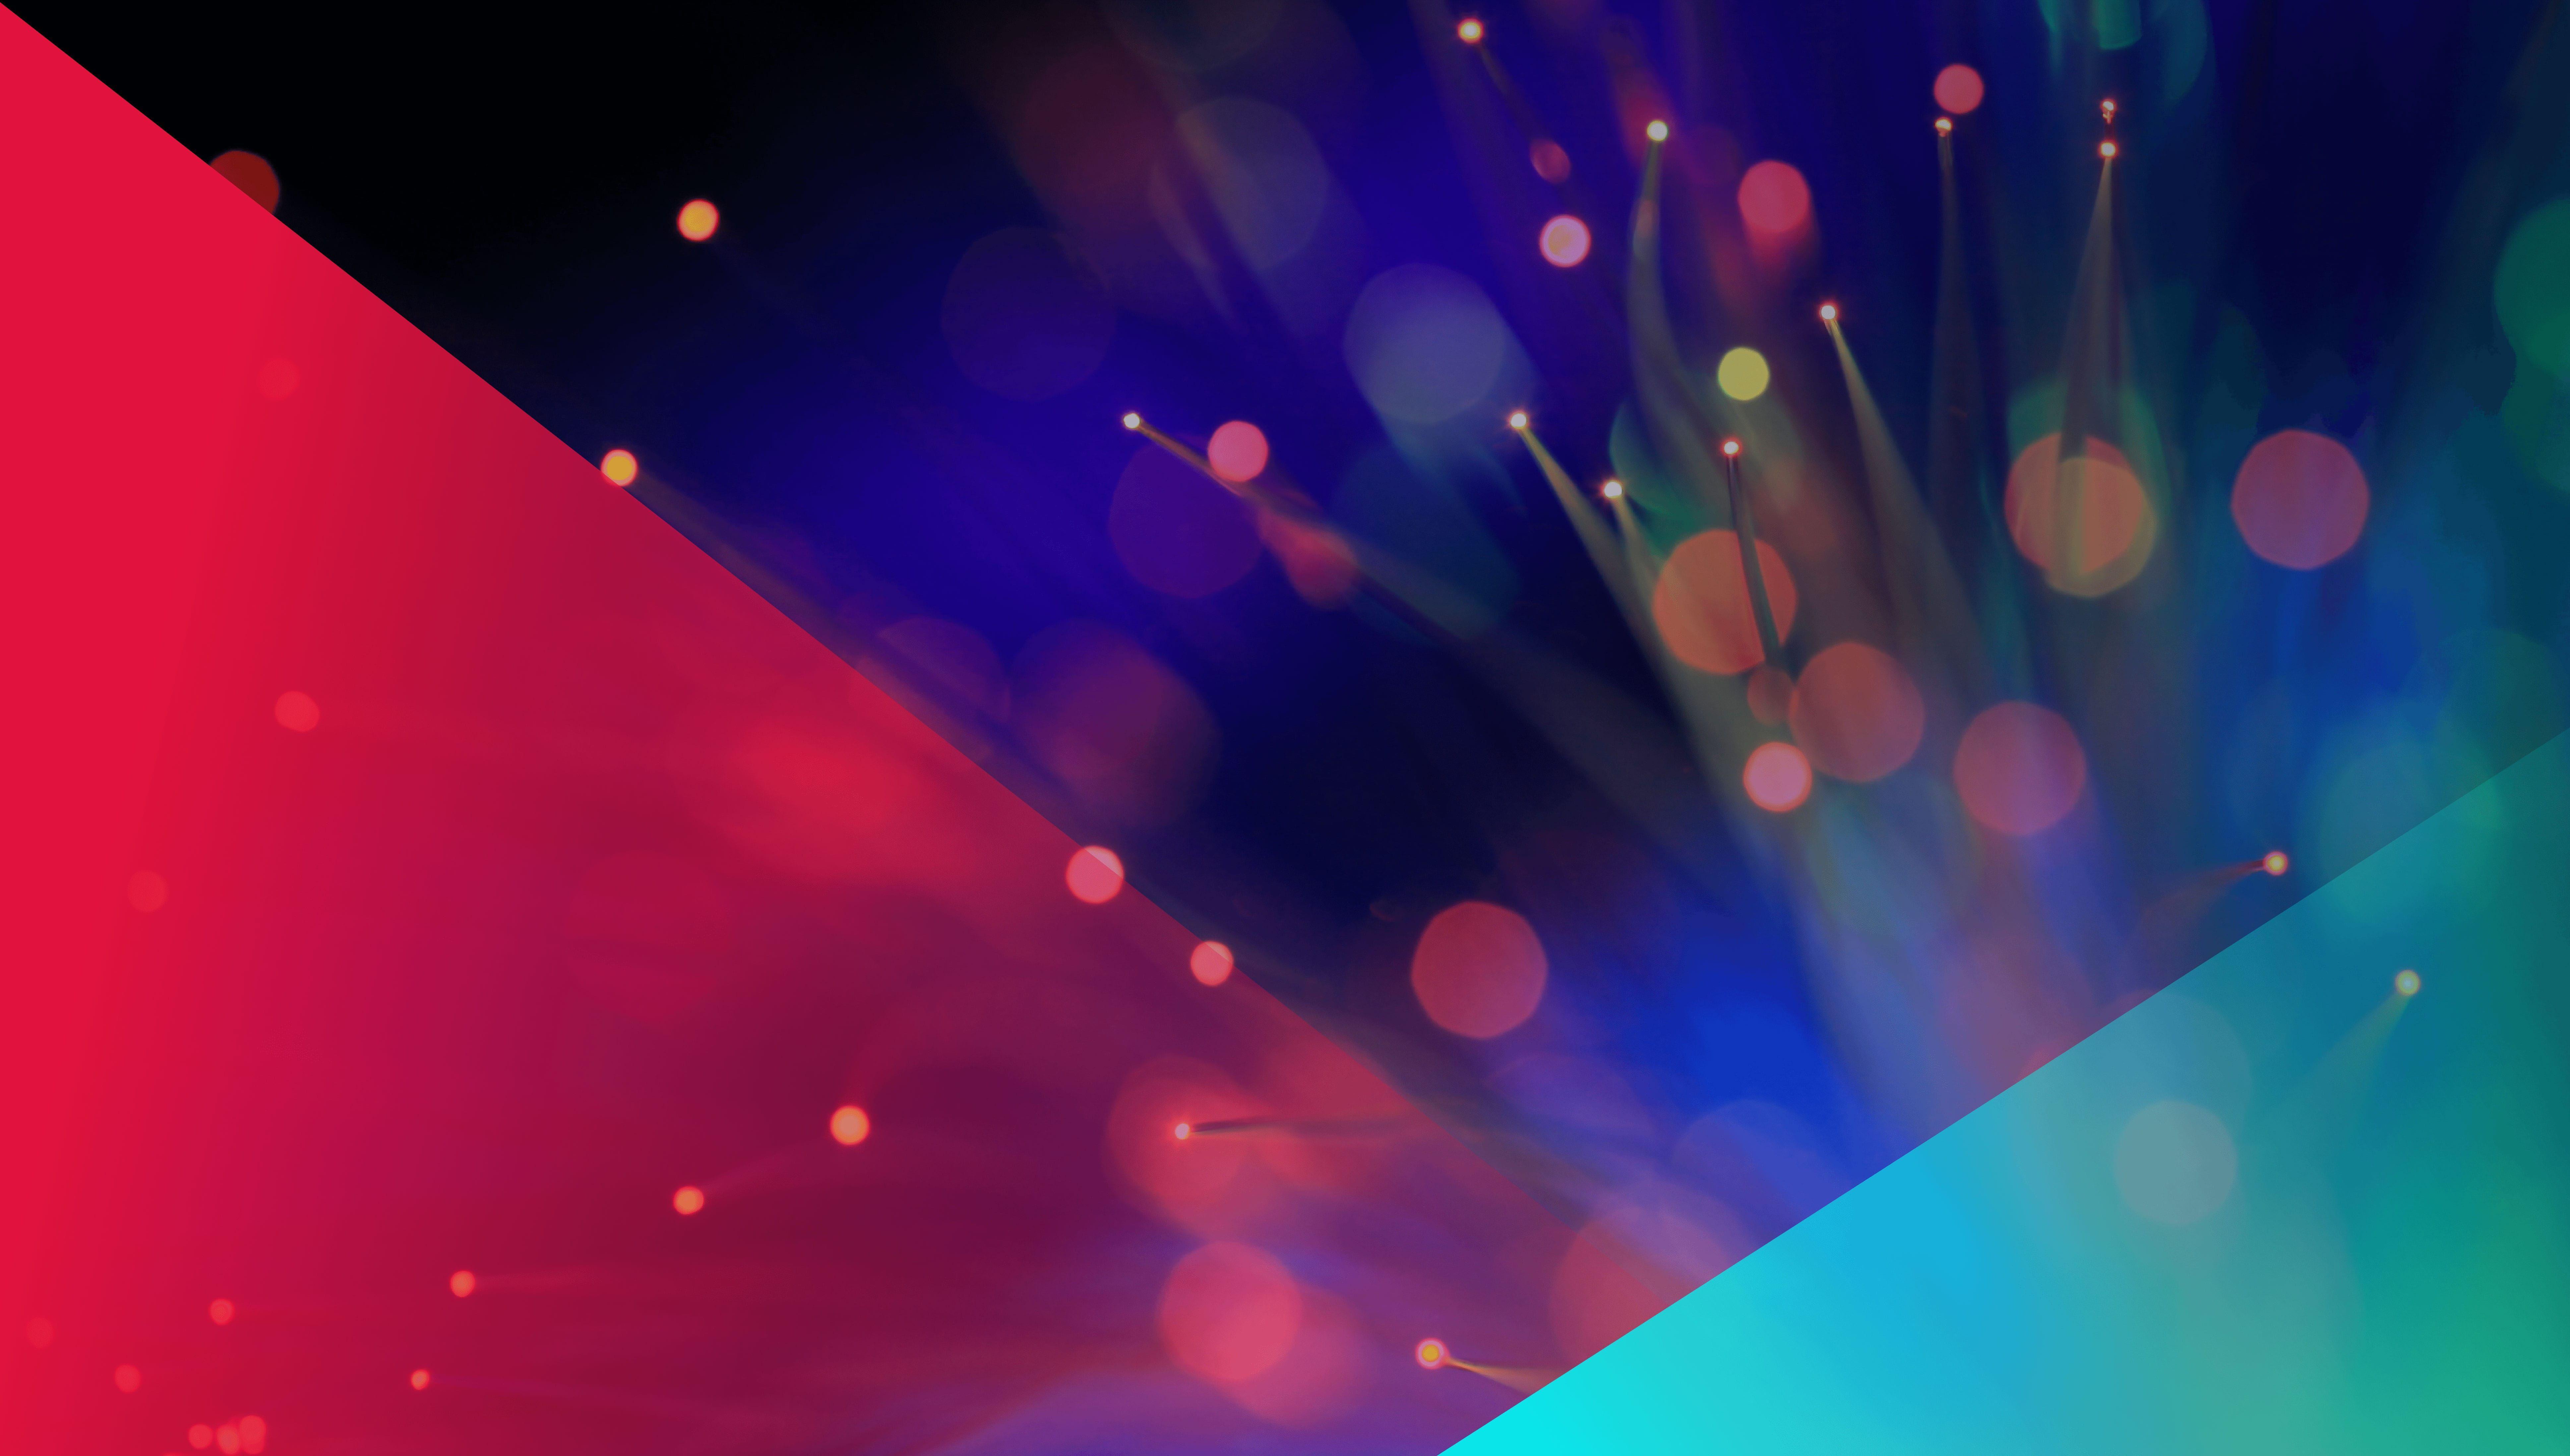 7752 × 4339 أضواء ملونة غير واضحة 8k.  خلفية سطح المكتب المجردة